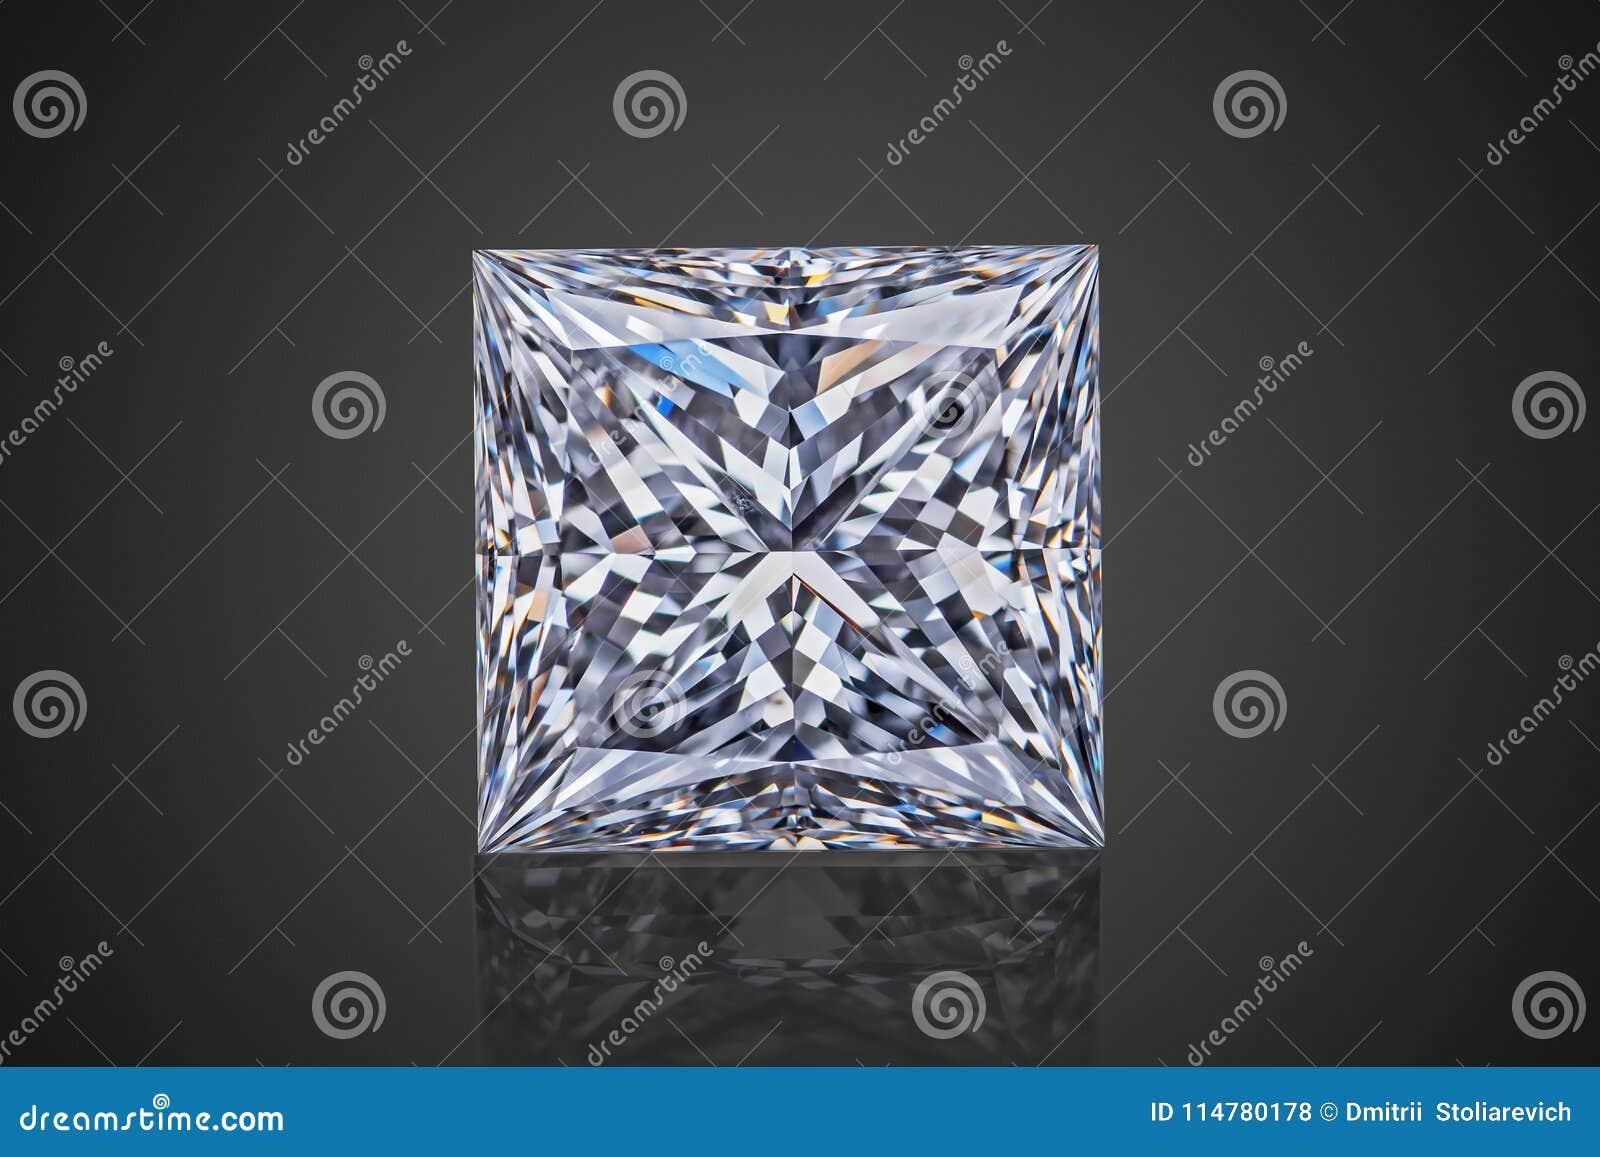 Farbloser transparenter funkelnder Form-Prinzessinluxusgeschliffener diamant des Edelsteins quadratischer lokalisiert auf schwarz